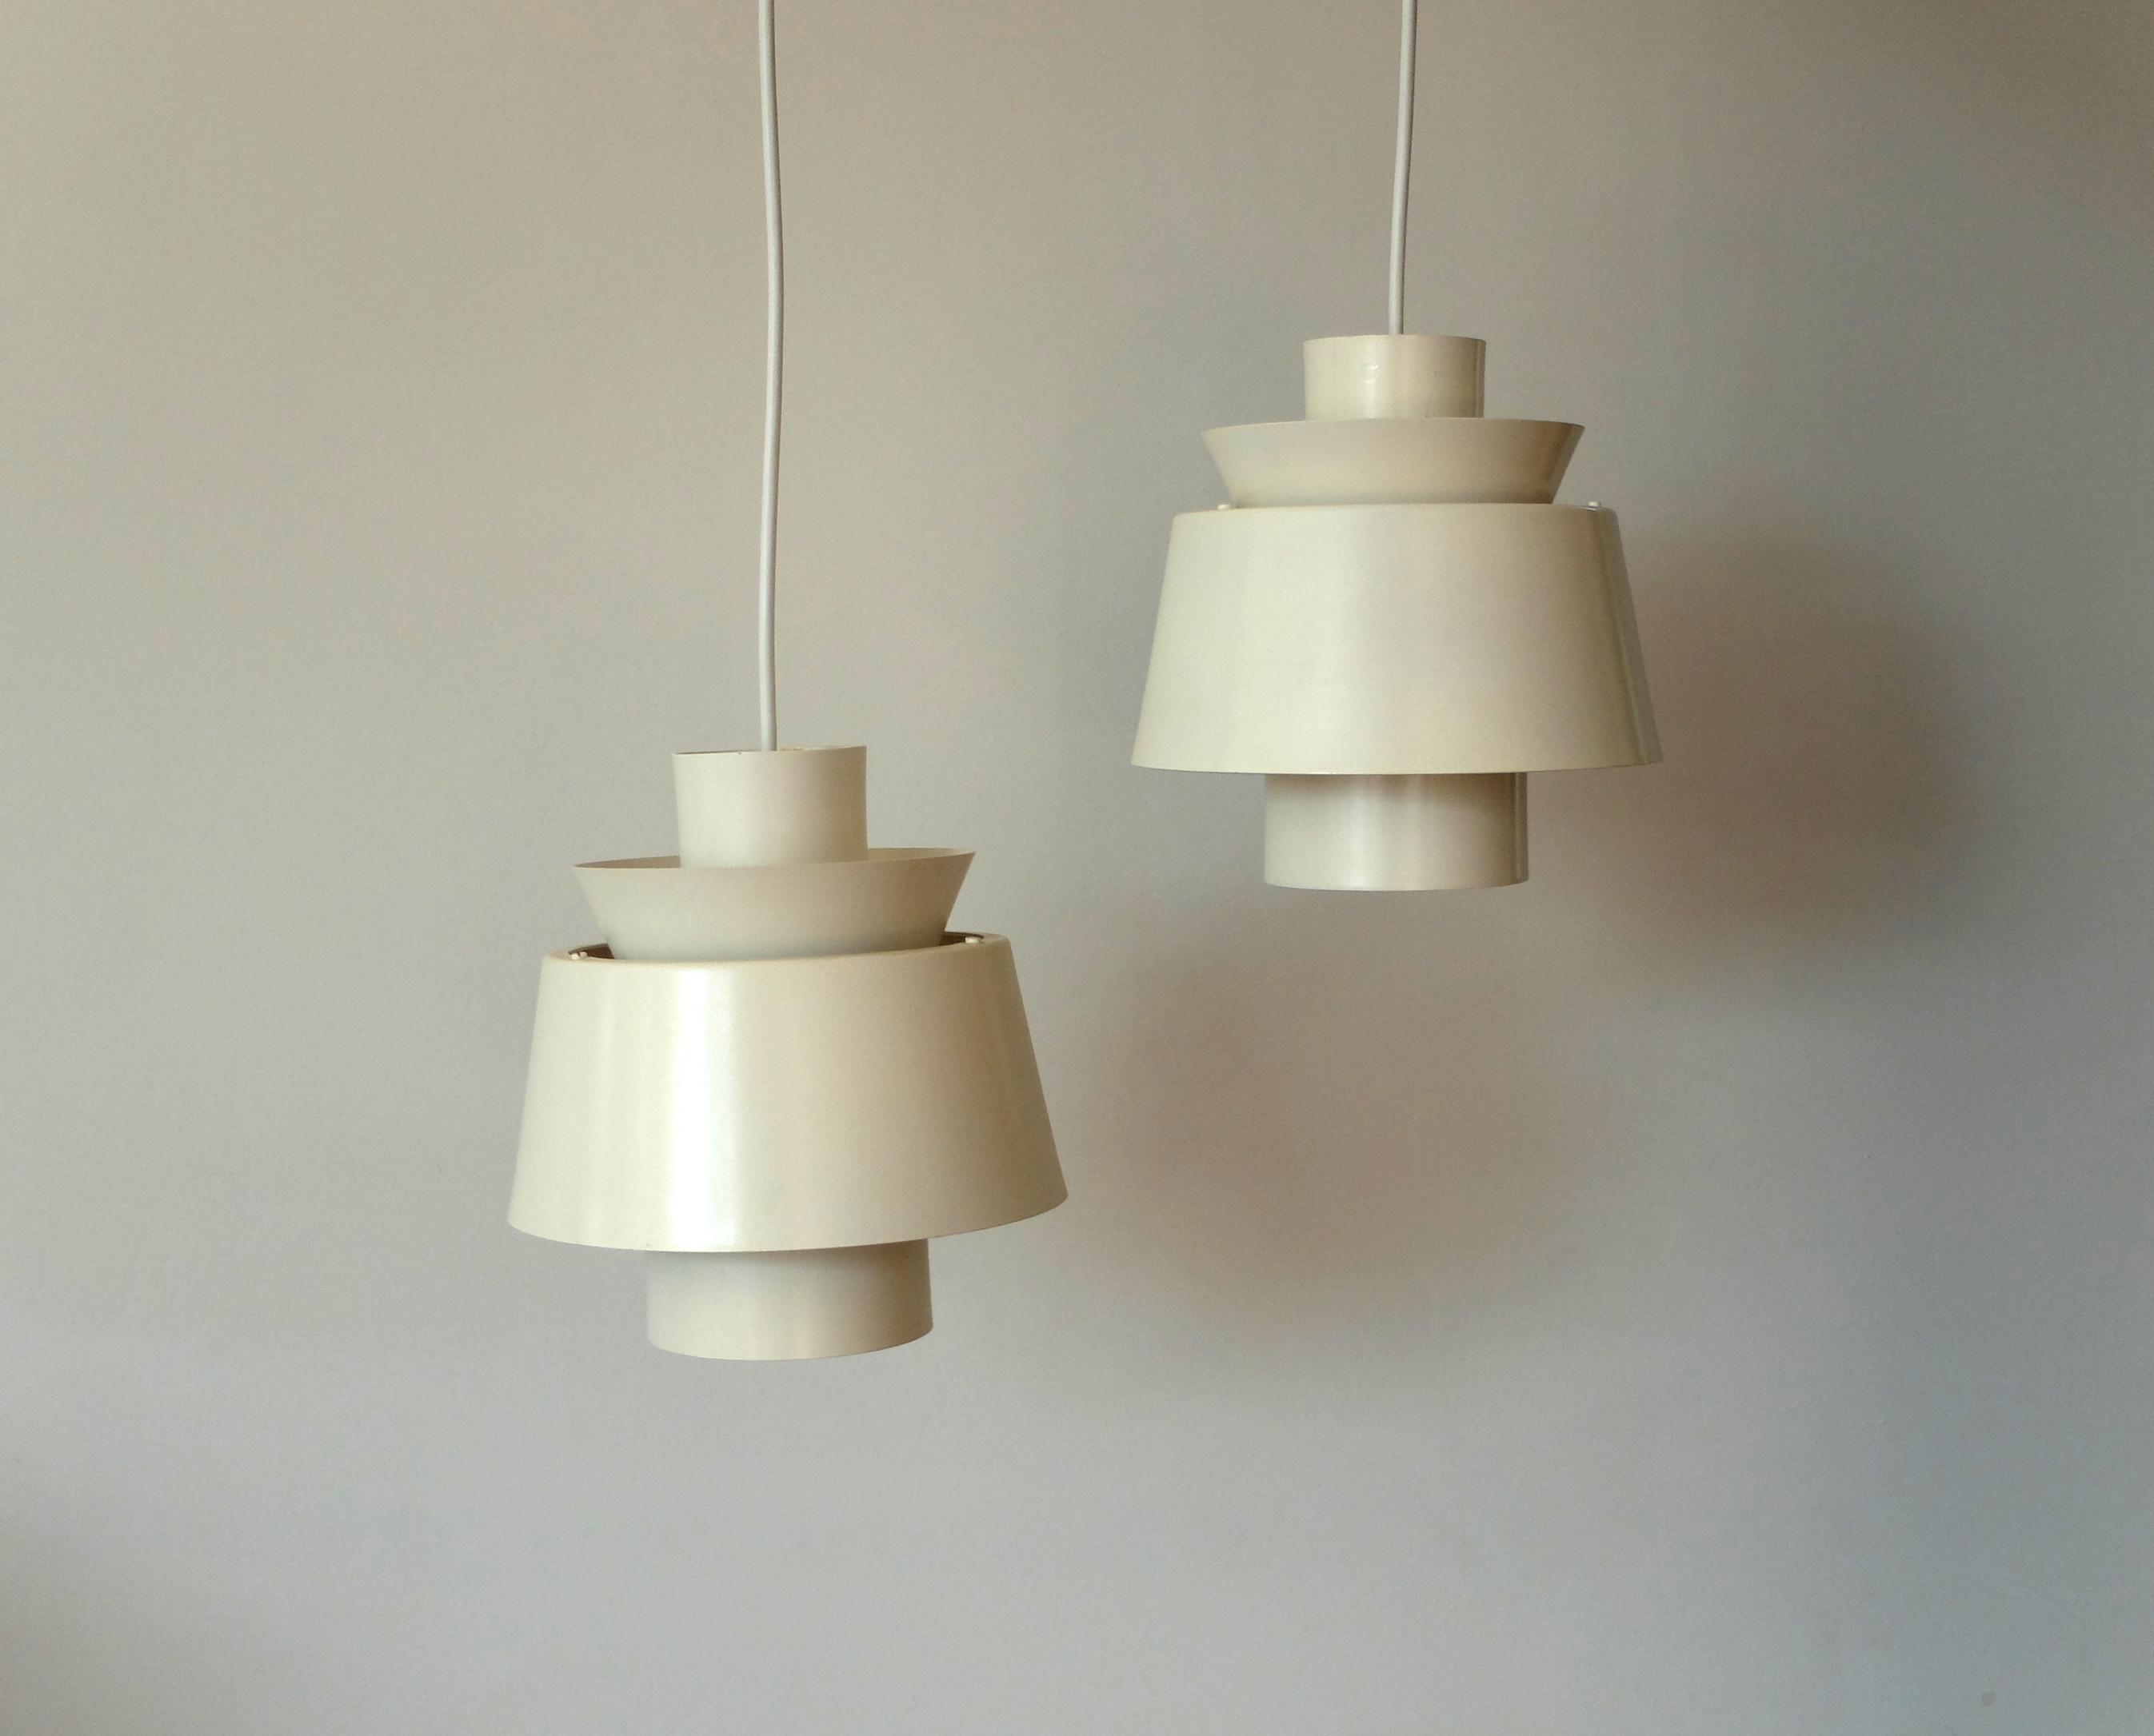 jorn-utzonpair-tivoli-pendants-design-jorn-utzon-nordisk-solar-compagni-denmark